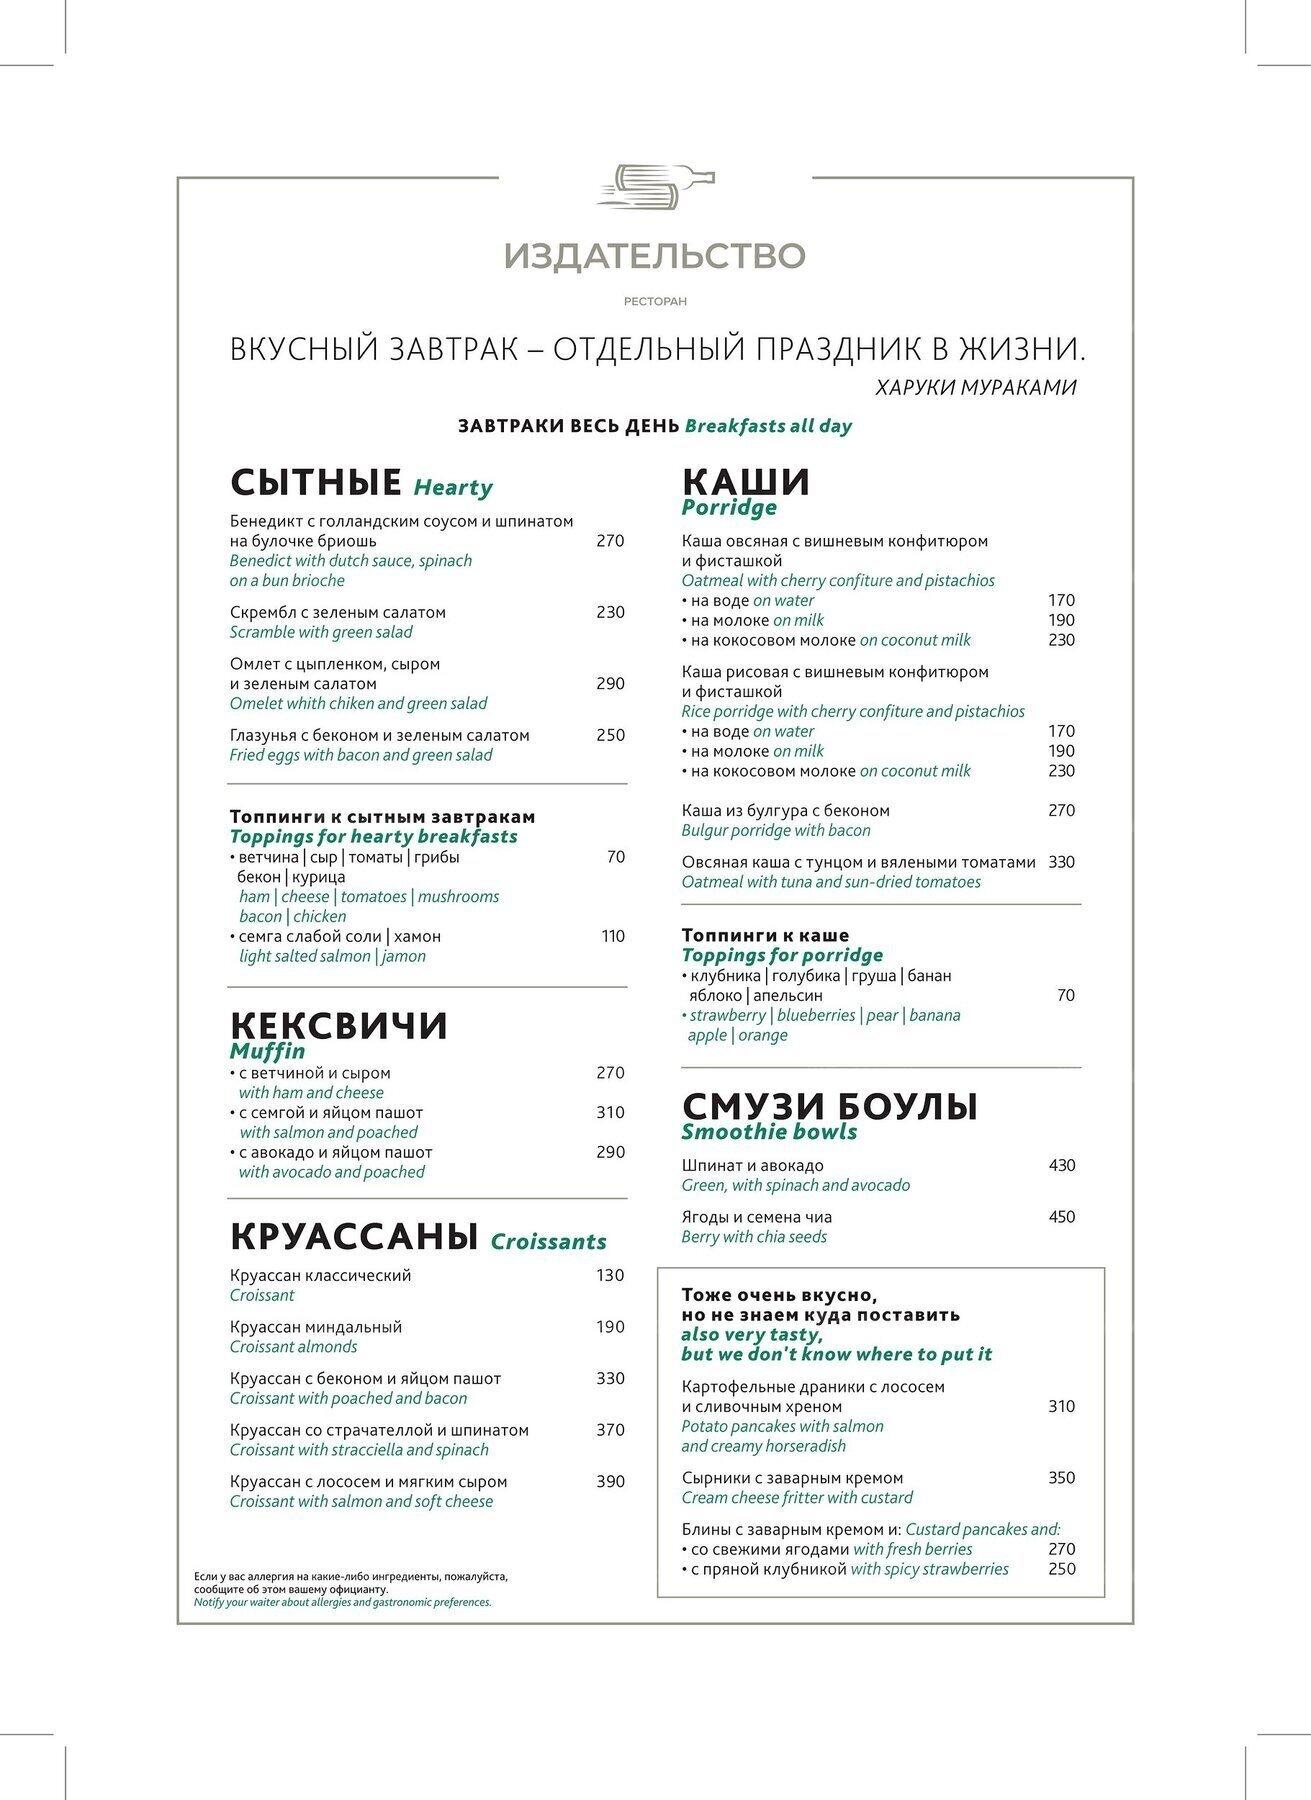 Меню ресторана Издательство на Невском проспекте фото 2